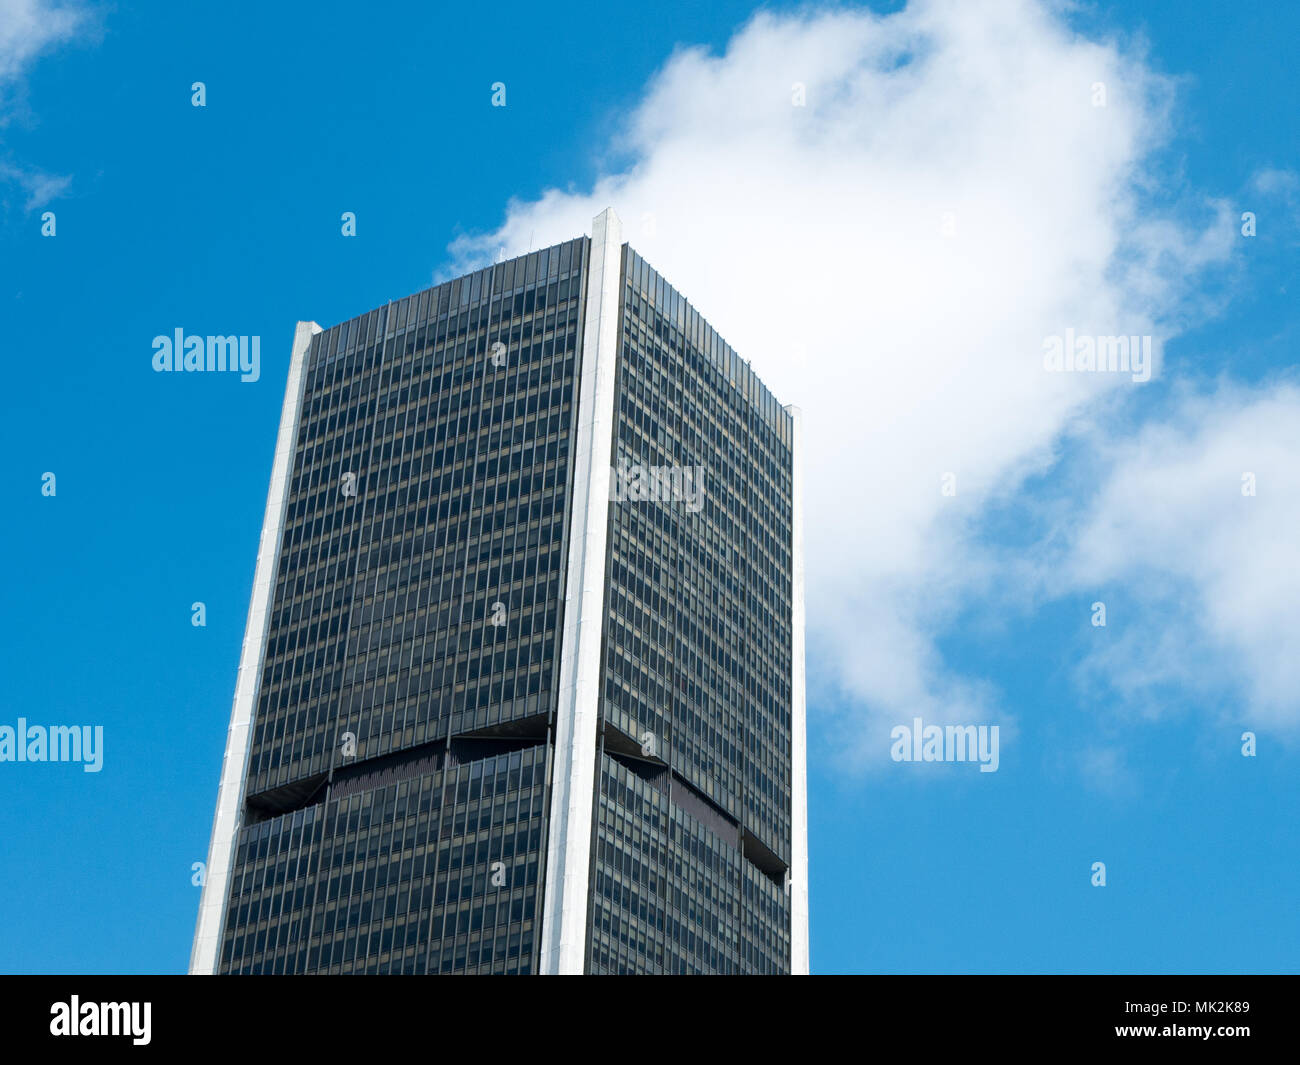 H9ed2i Cielo Montreal Borsa Della Un Visione Blu Edificio Di Con Angolo ordCxBe